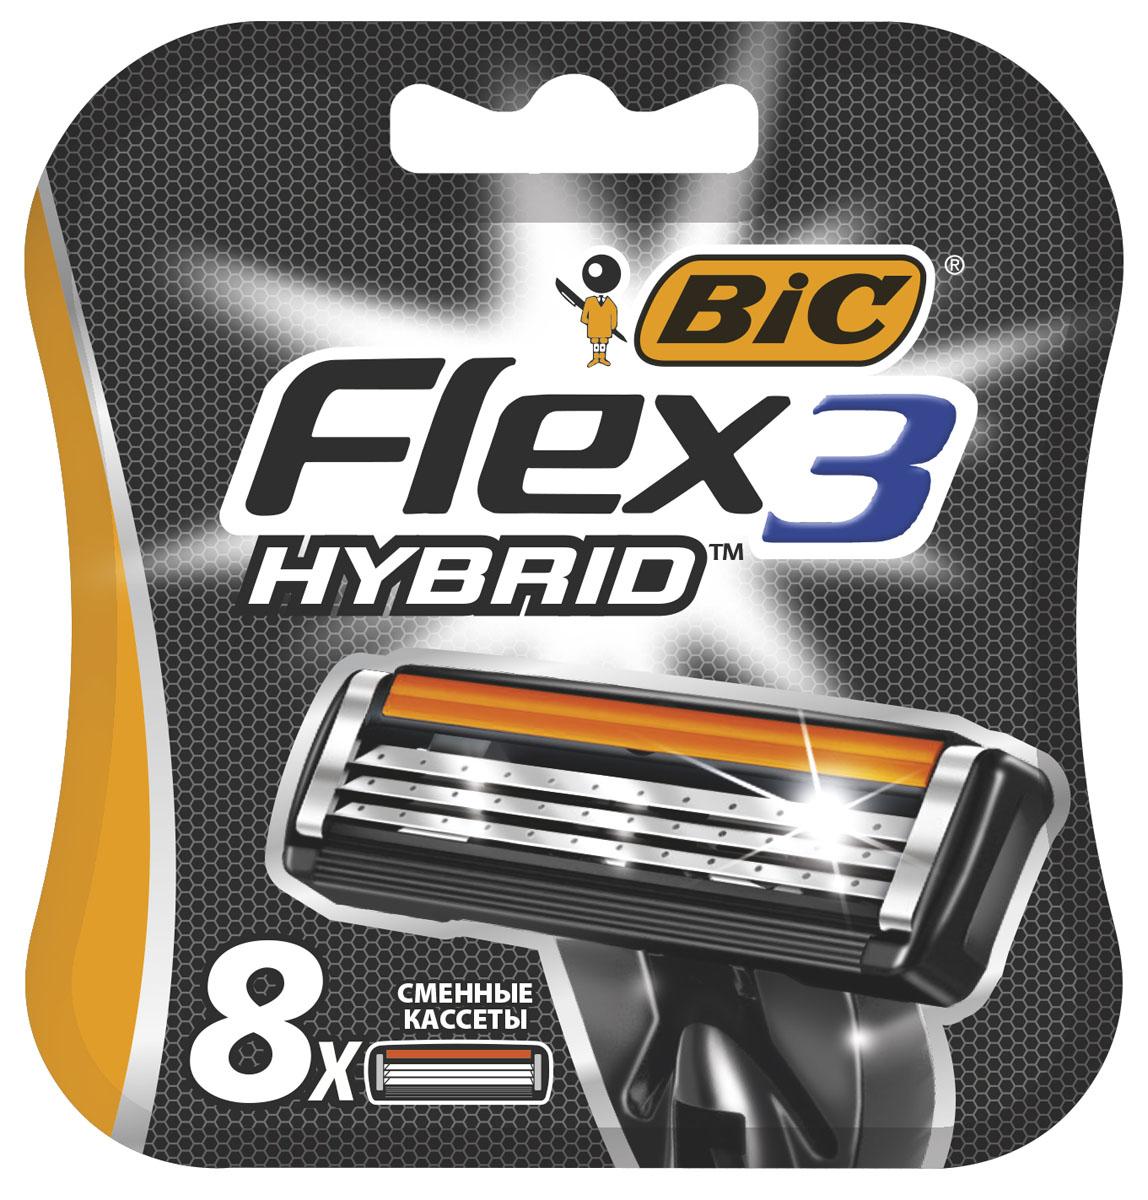 Bic Flex 3 HybridСменные кассеты для бритья 8 шт